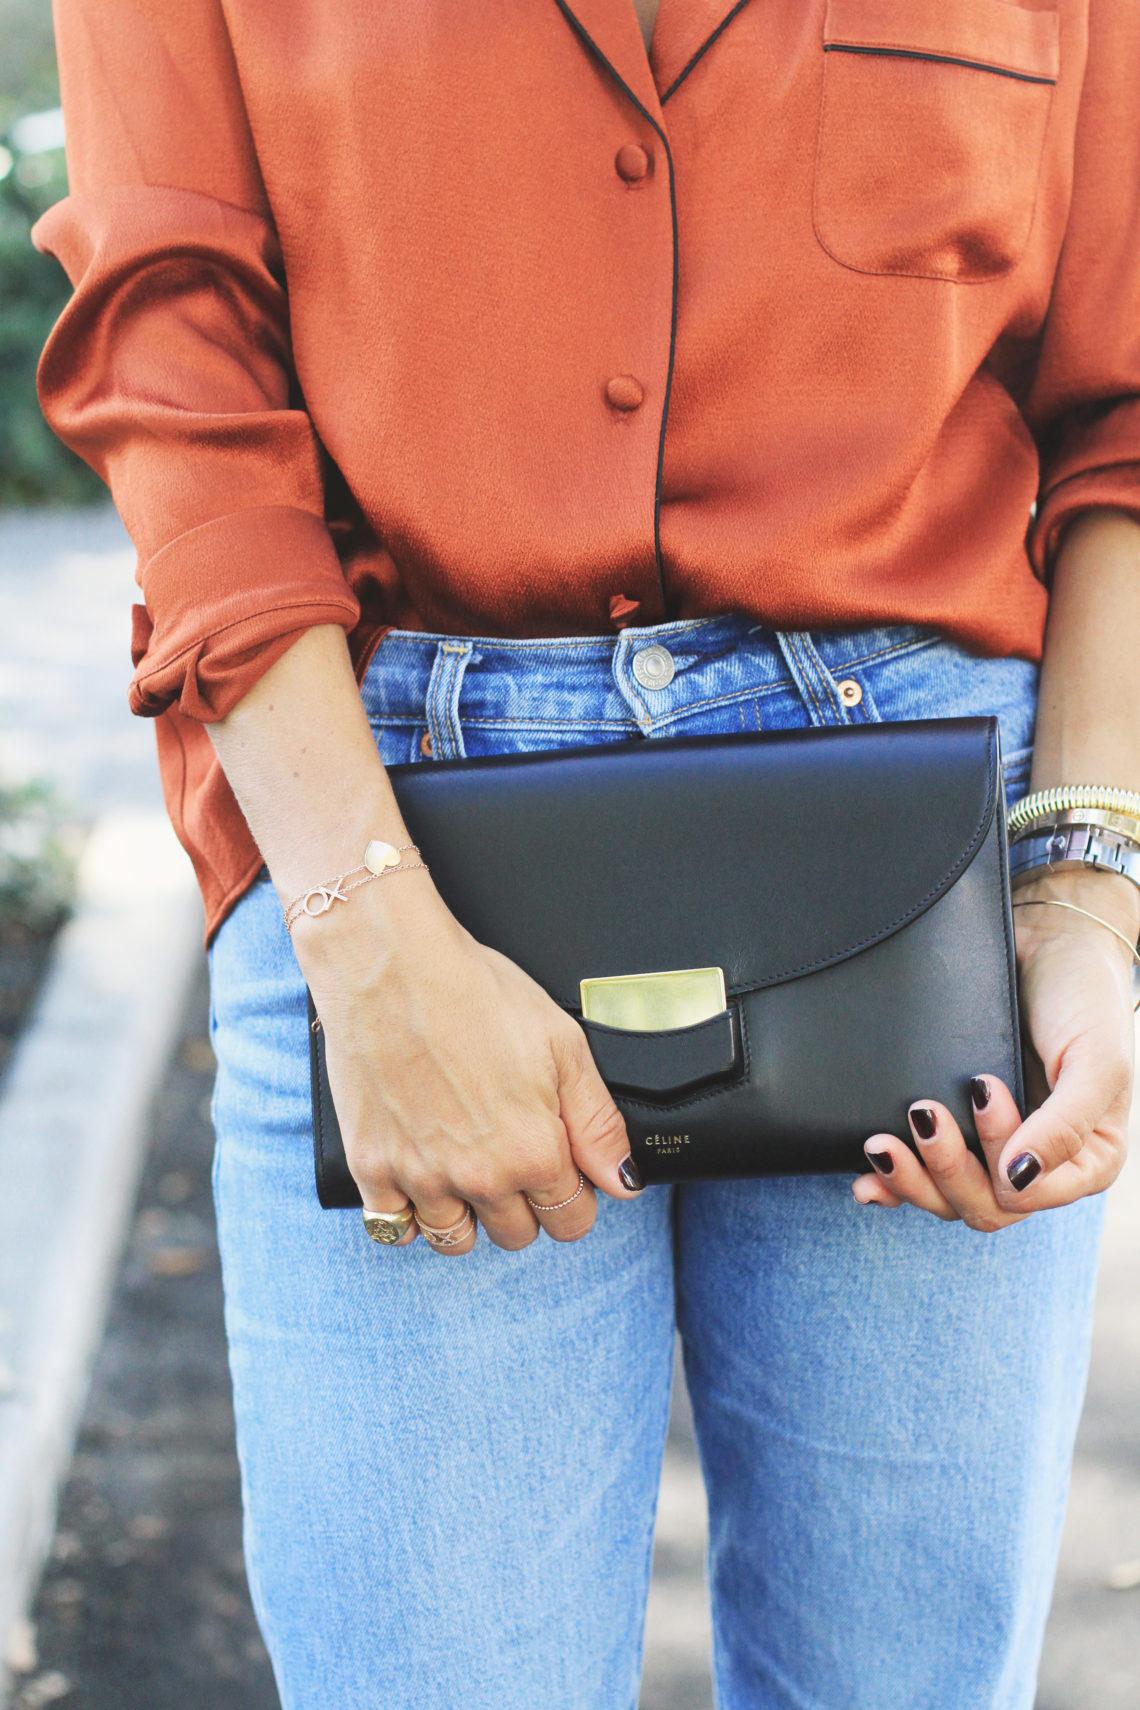 Silk Pajama Top & Exciting Jewelry News